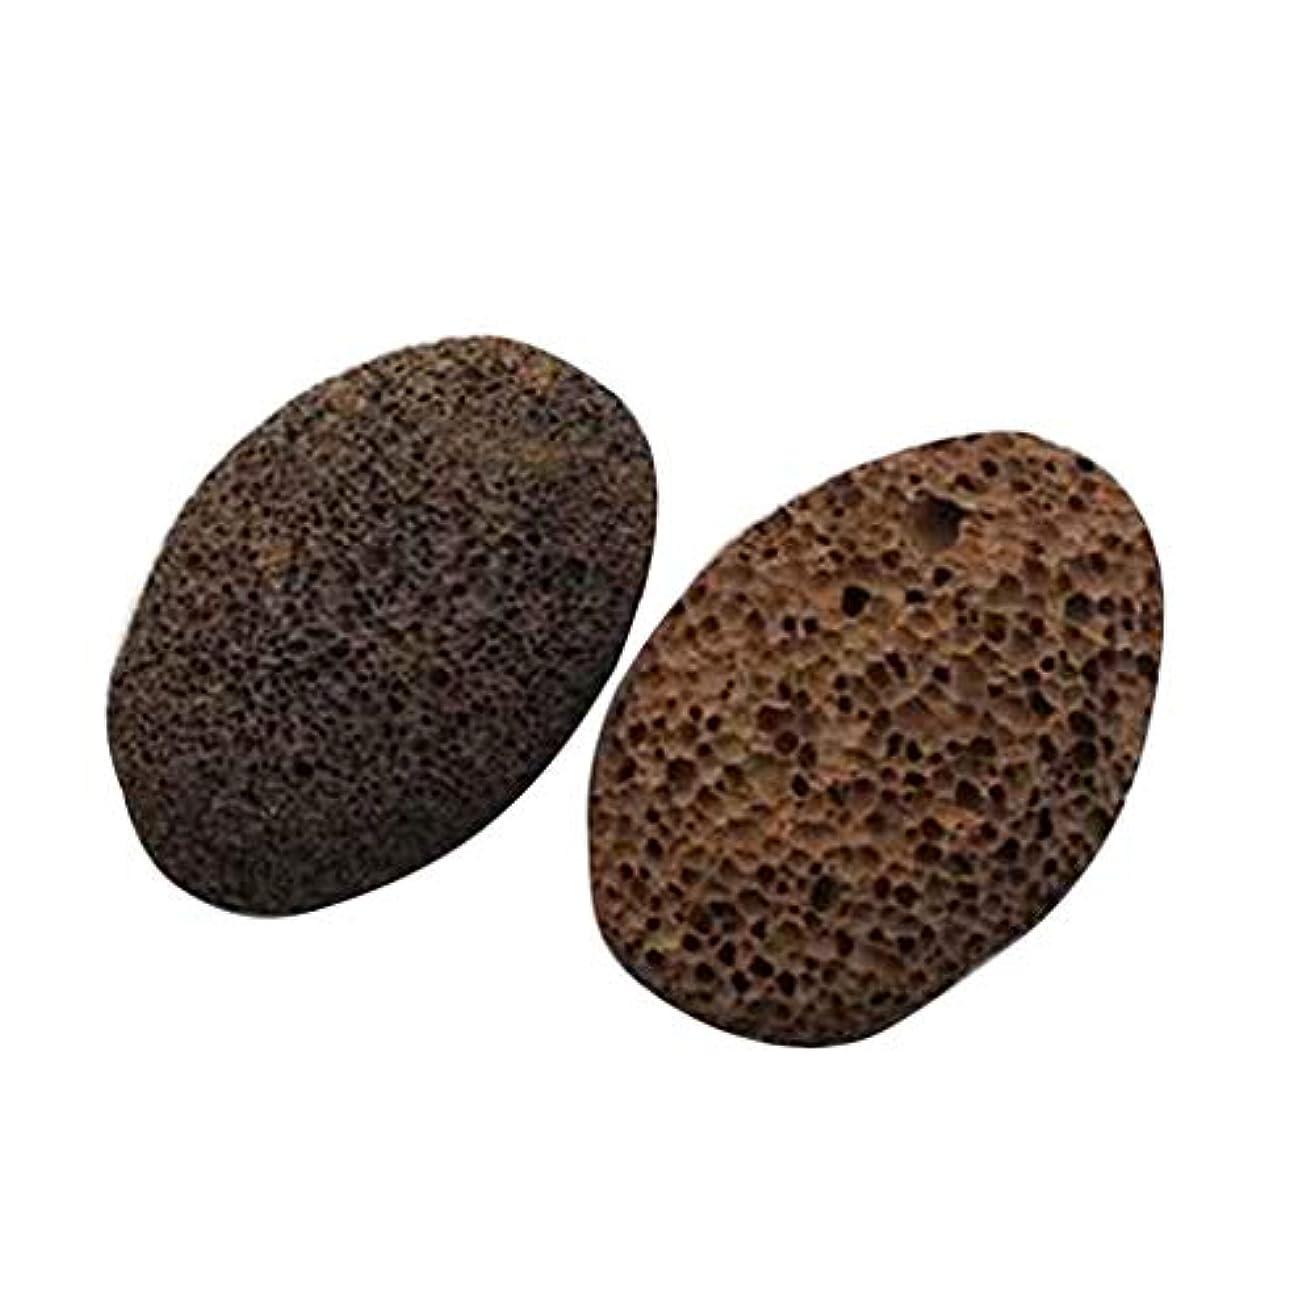 床金銭的なお風呂を持っているCripsly ワイプ足石 死んだ皮軽石を取り除き 足石を挽いて 自然の火山石を剥がします 足マッサージ石 2個セット